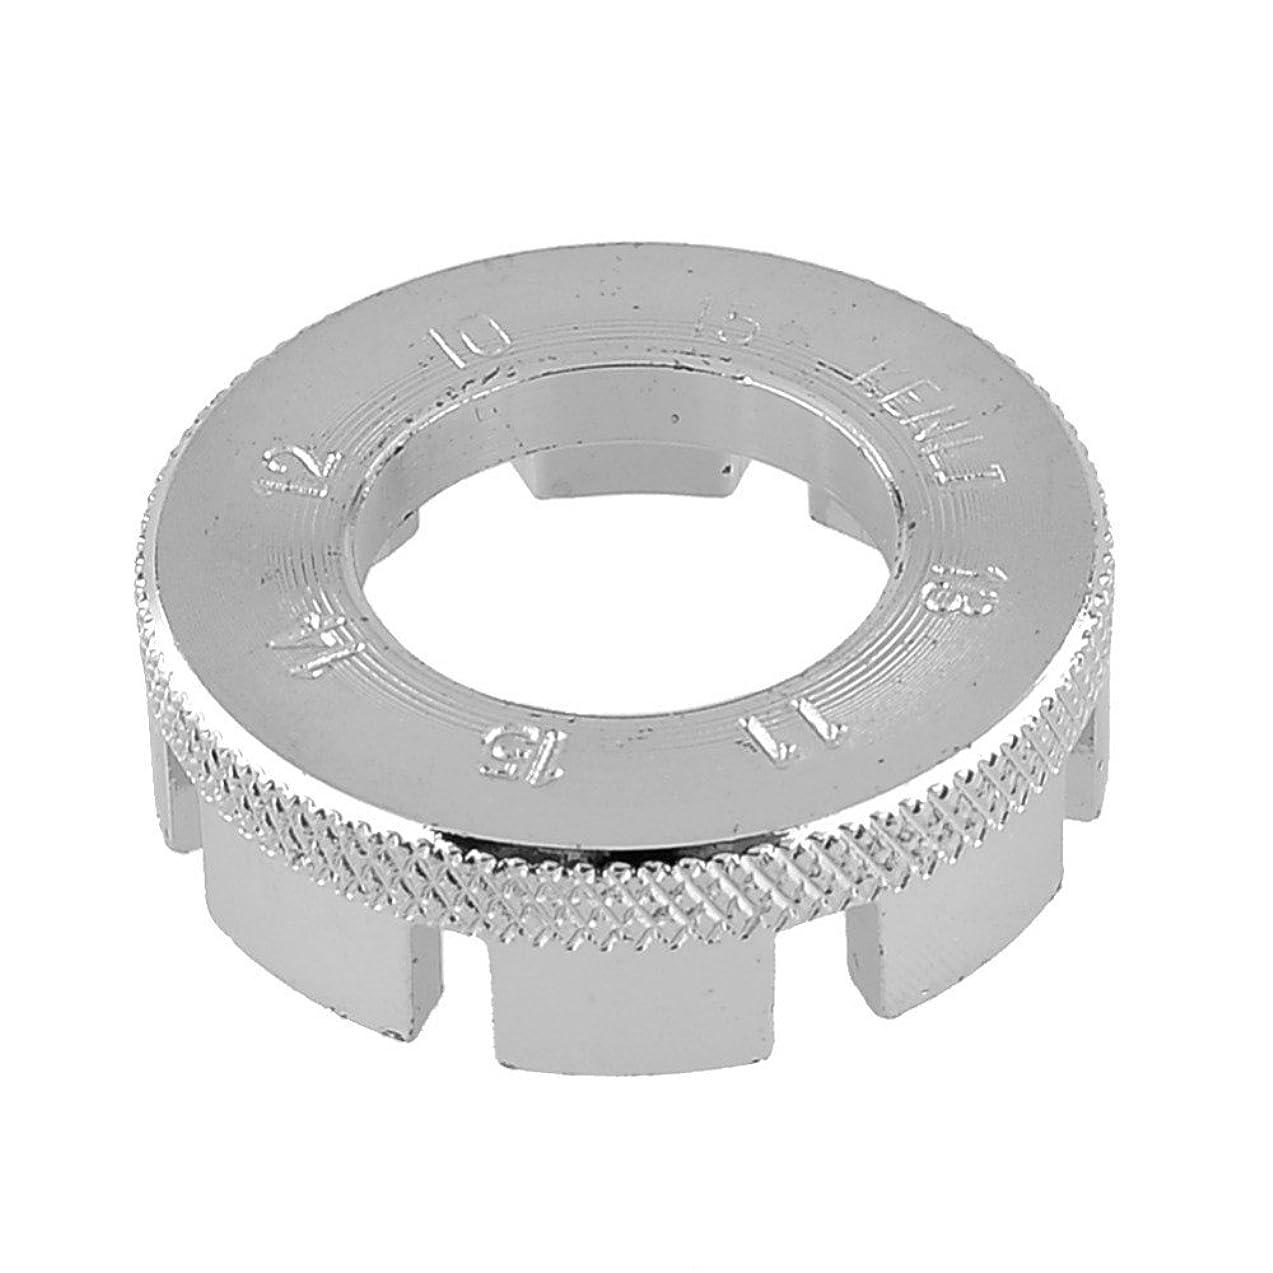 メールを書くインシュレータ凍結Propenary - 8 Groove Spoke Wheel Rim Wrench Spanner Repair Tools For Mountain Bicycle Fix Tool Adjuster Set Kit Convenient Bicycle Parts